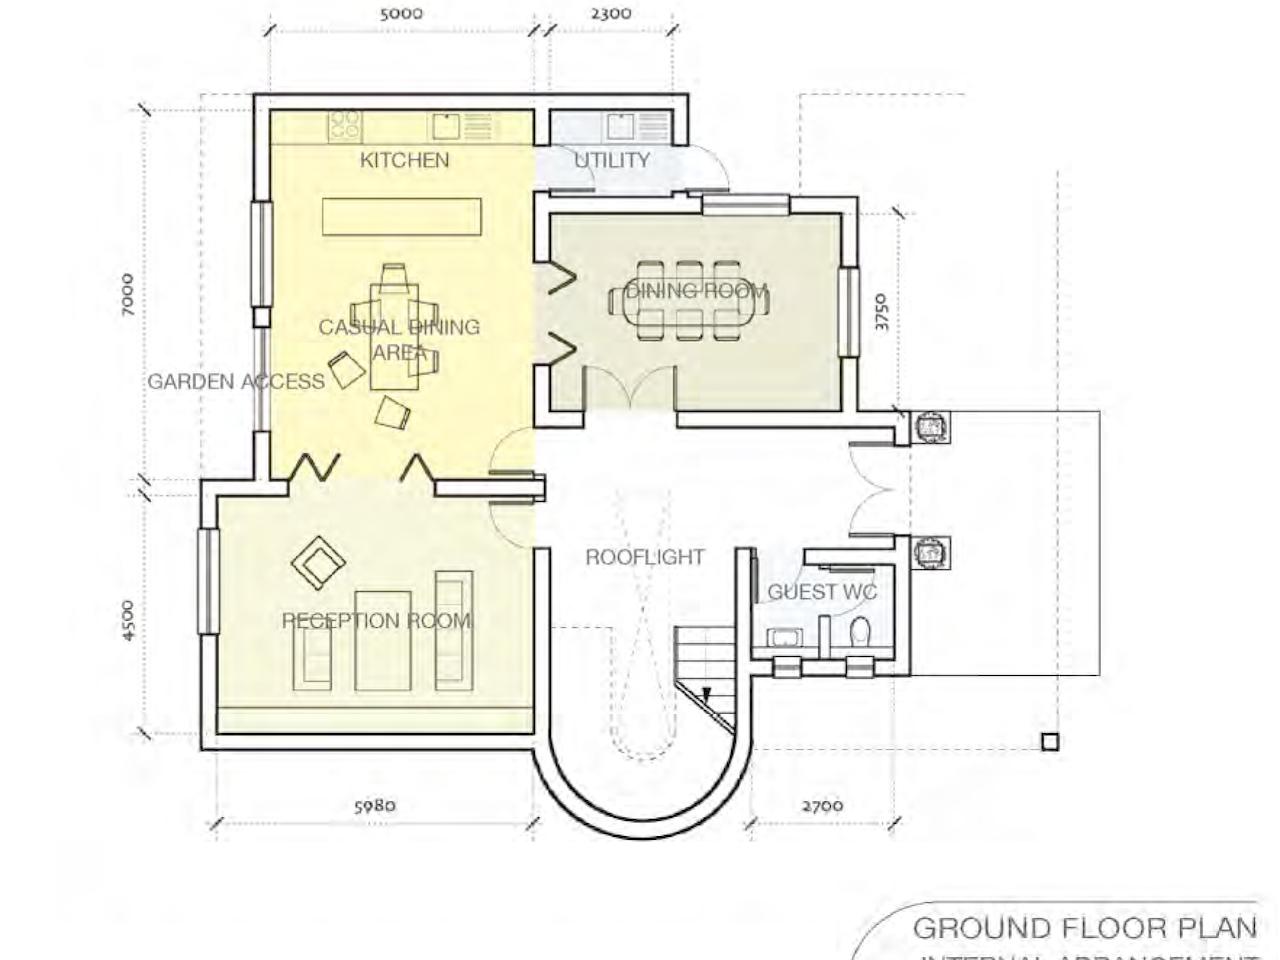 Ground Floor No Landscape